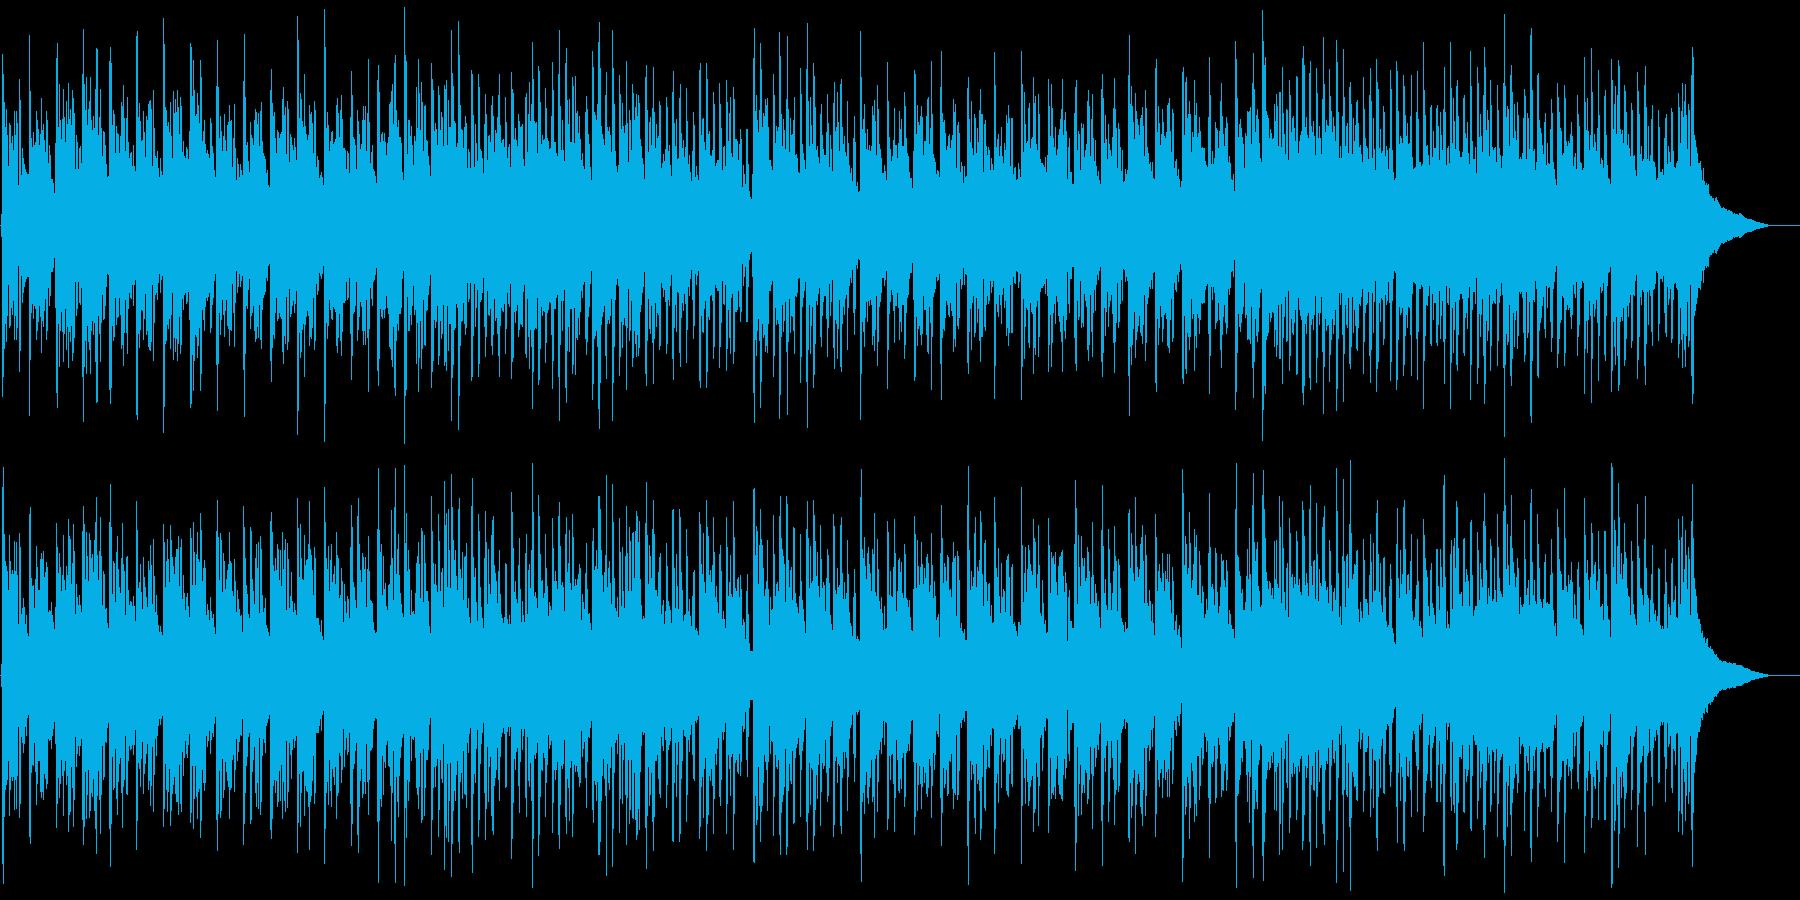 伝統的和風琴と低音ダンスビートミックスの再生済みの波形